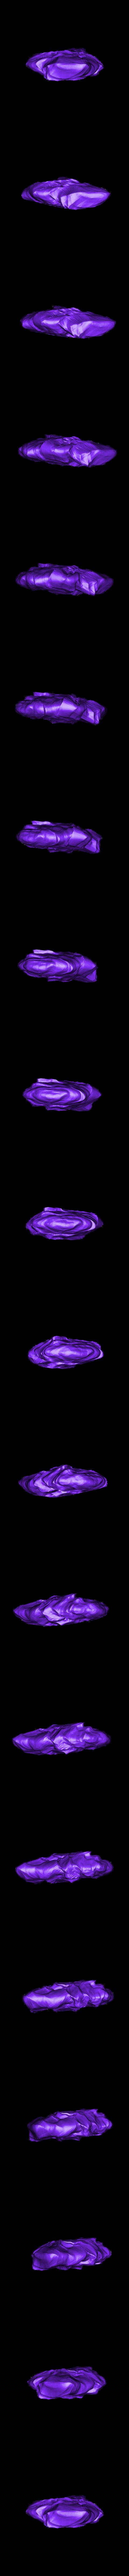 flat_rock_SubTool3.stl Télécharger fichier STL gratuit Roches pour le wargame (collection de 18 roches haute résolution) • Design pour impression 3D, BREXIT